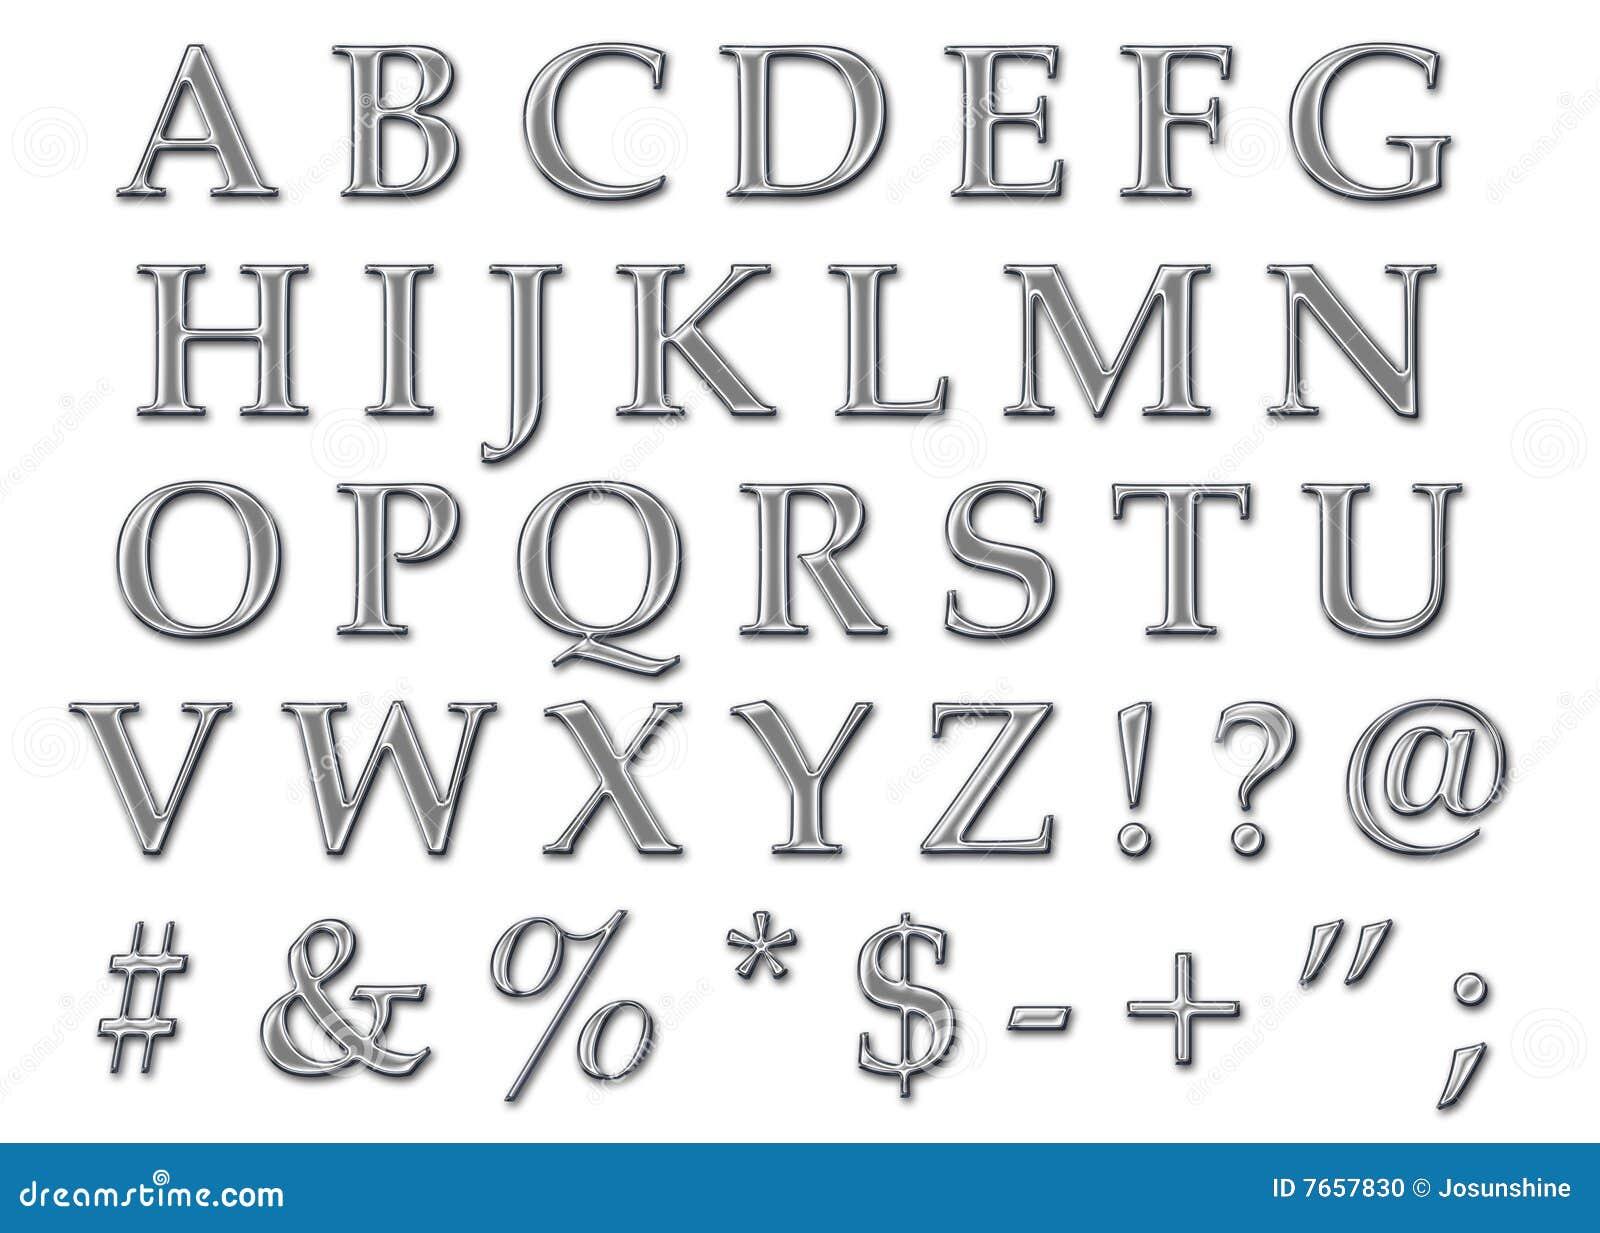 Decorative Door Letters